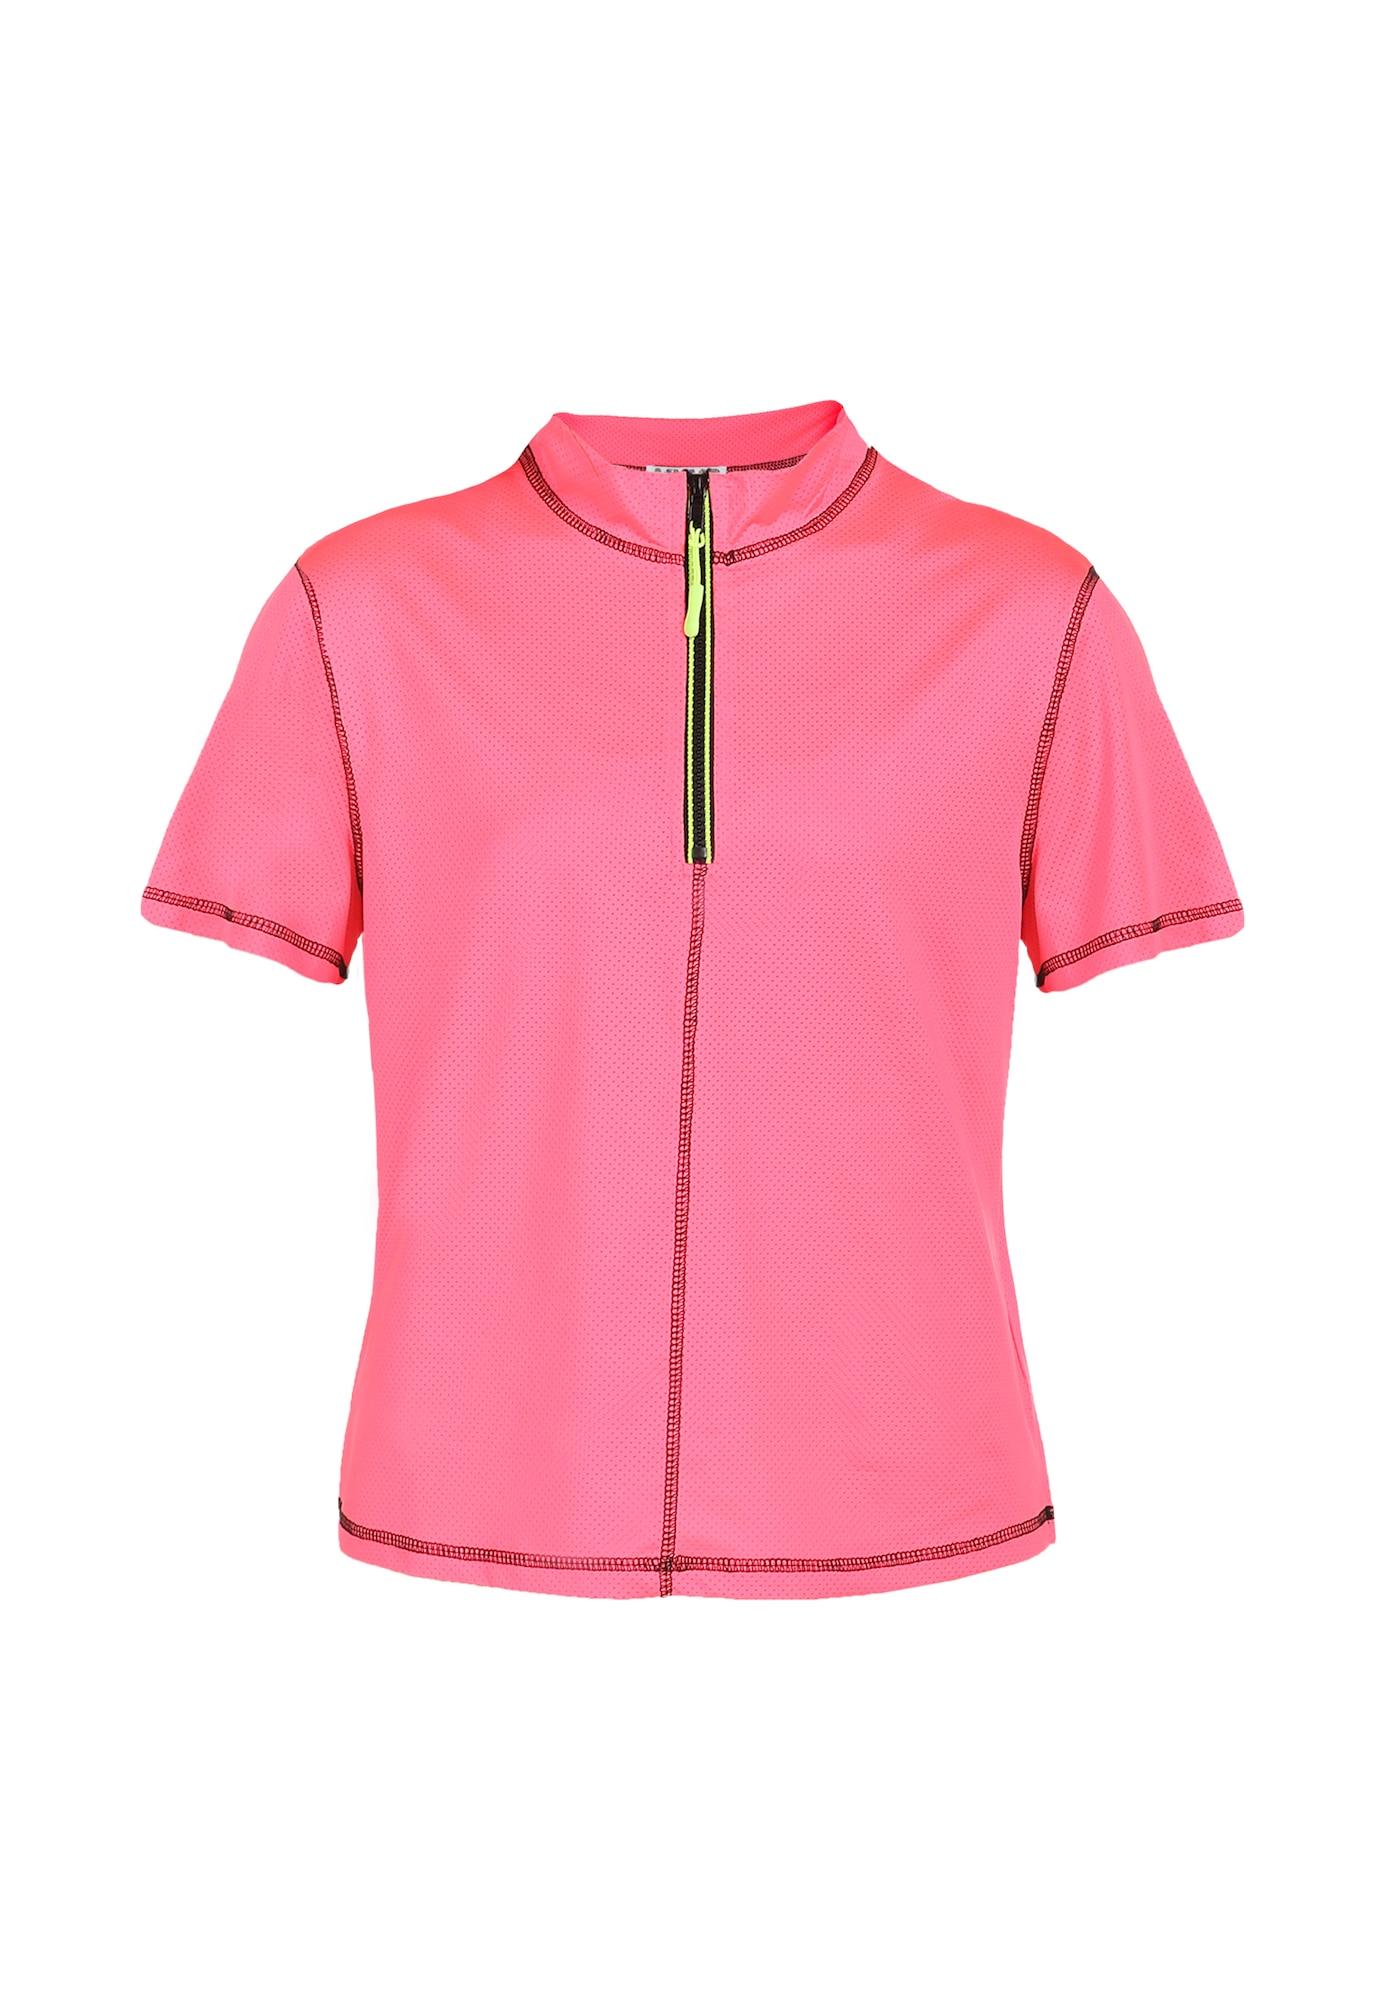 myMo ATHLSR Sportiniai marškinėliai neoninė rožinė / tamsiai rožinė / neoninė geltona